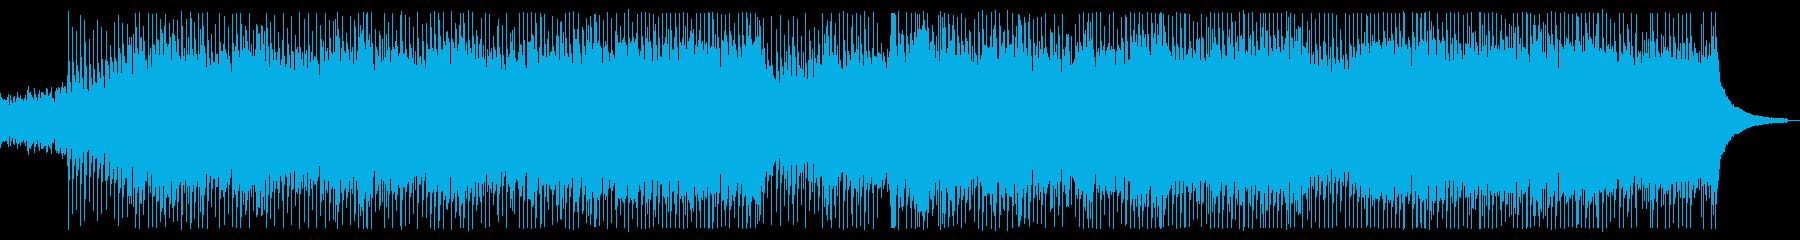 しっとり爽やか、アコギ中心のポップスの再生済みの波形